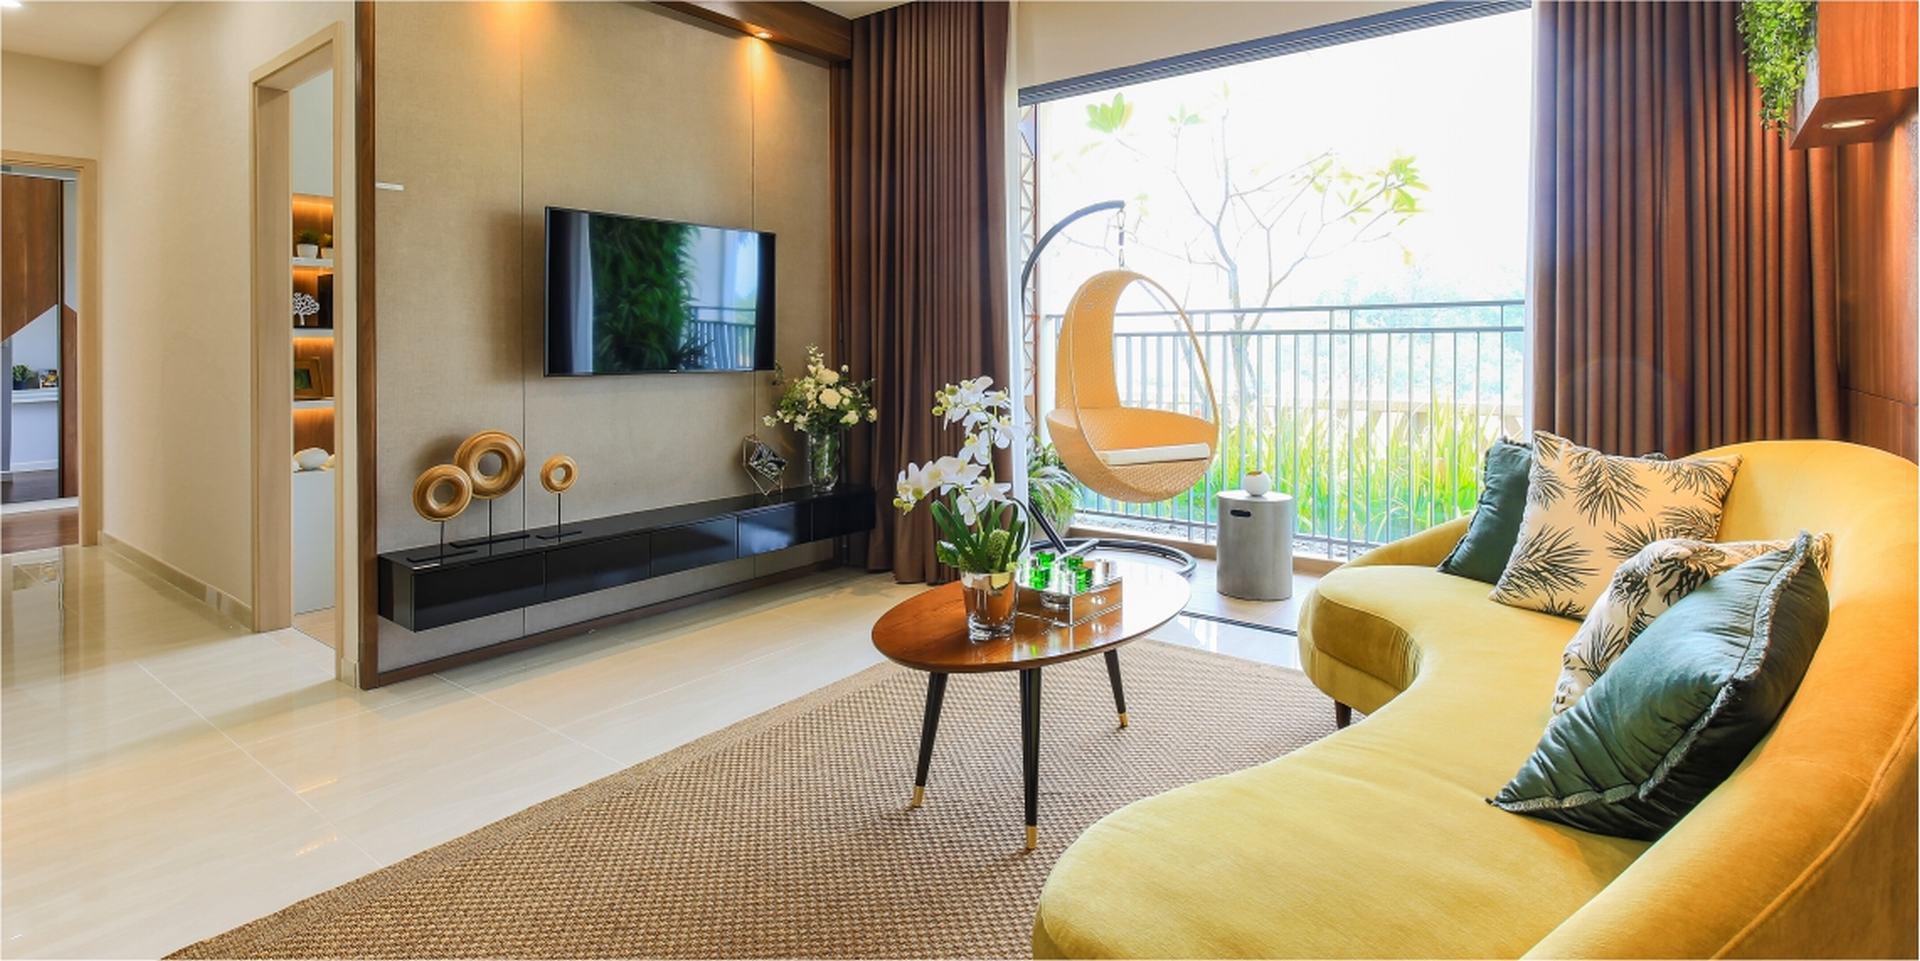 Thiết kế căn hộ chung cư Palm Garden Quận 2 Đường Song Hành chủ đầu tư Keppel Land